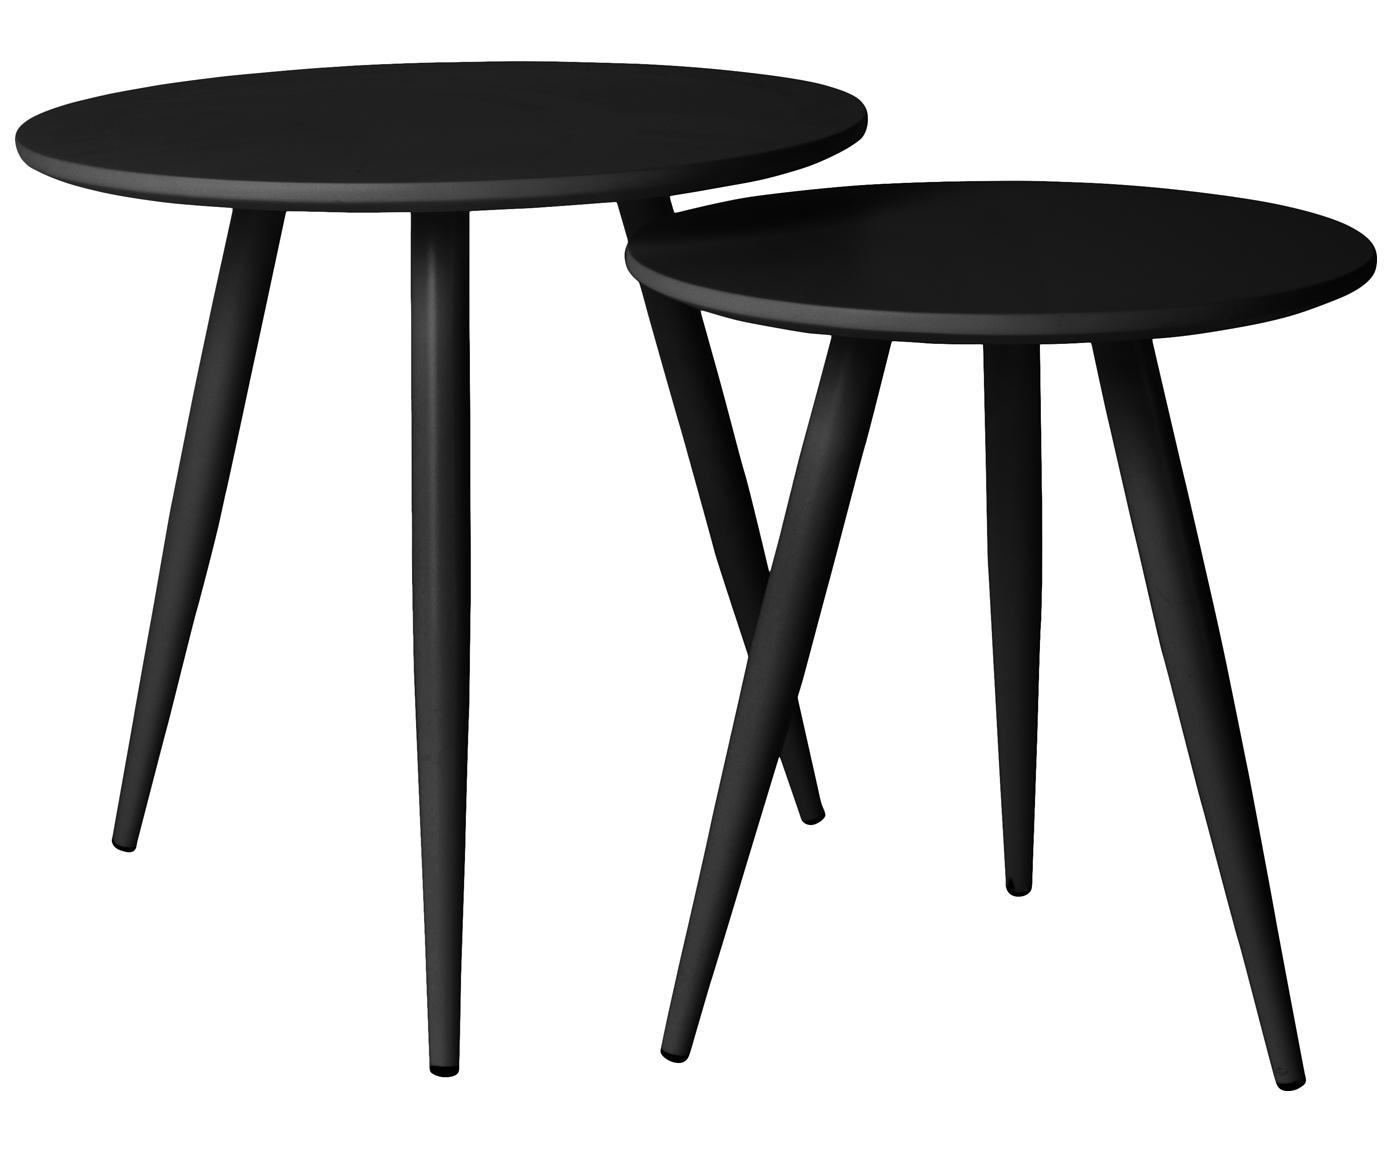 Set de mesas auxiliares Colette, 2uds., Patas: metal, pintura en polvo, Tablero: fibras de densidad media , Negro, Tamaños diferentes